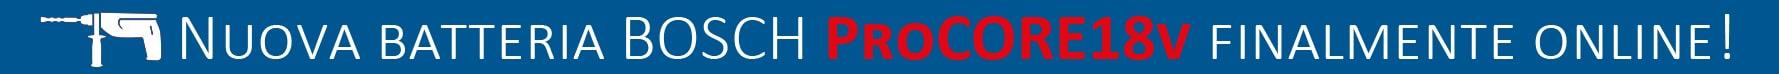 Nuova batteria bosch procore 18v disponibile online